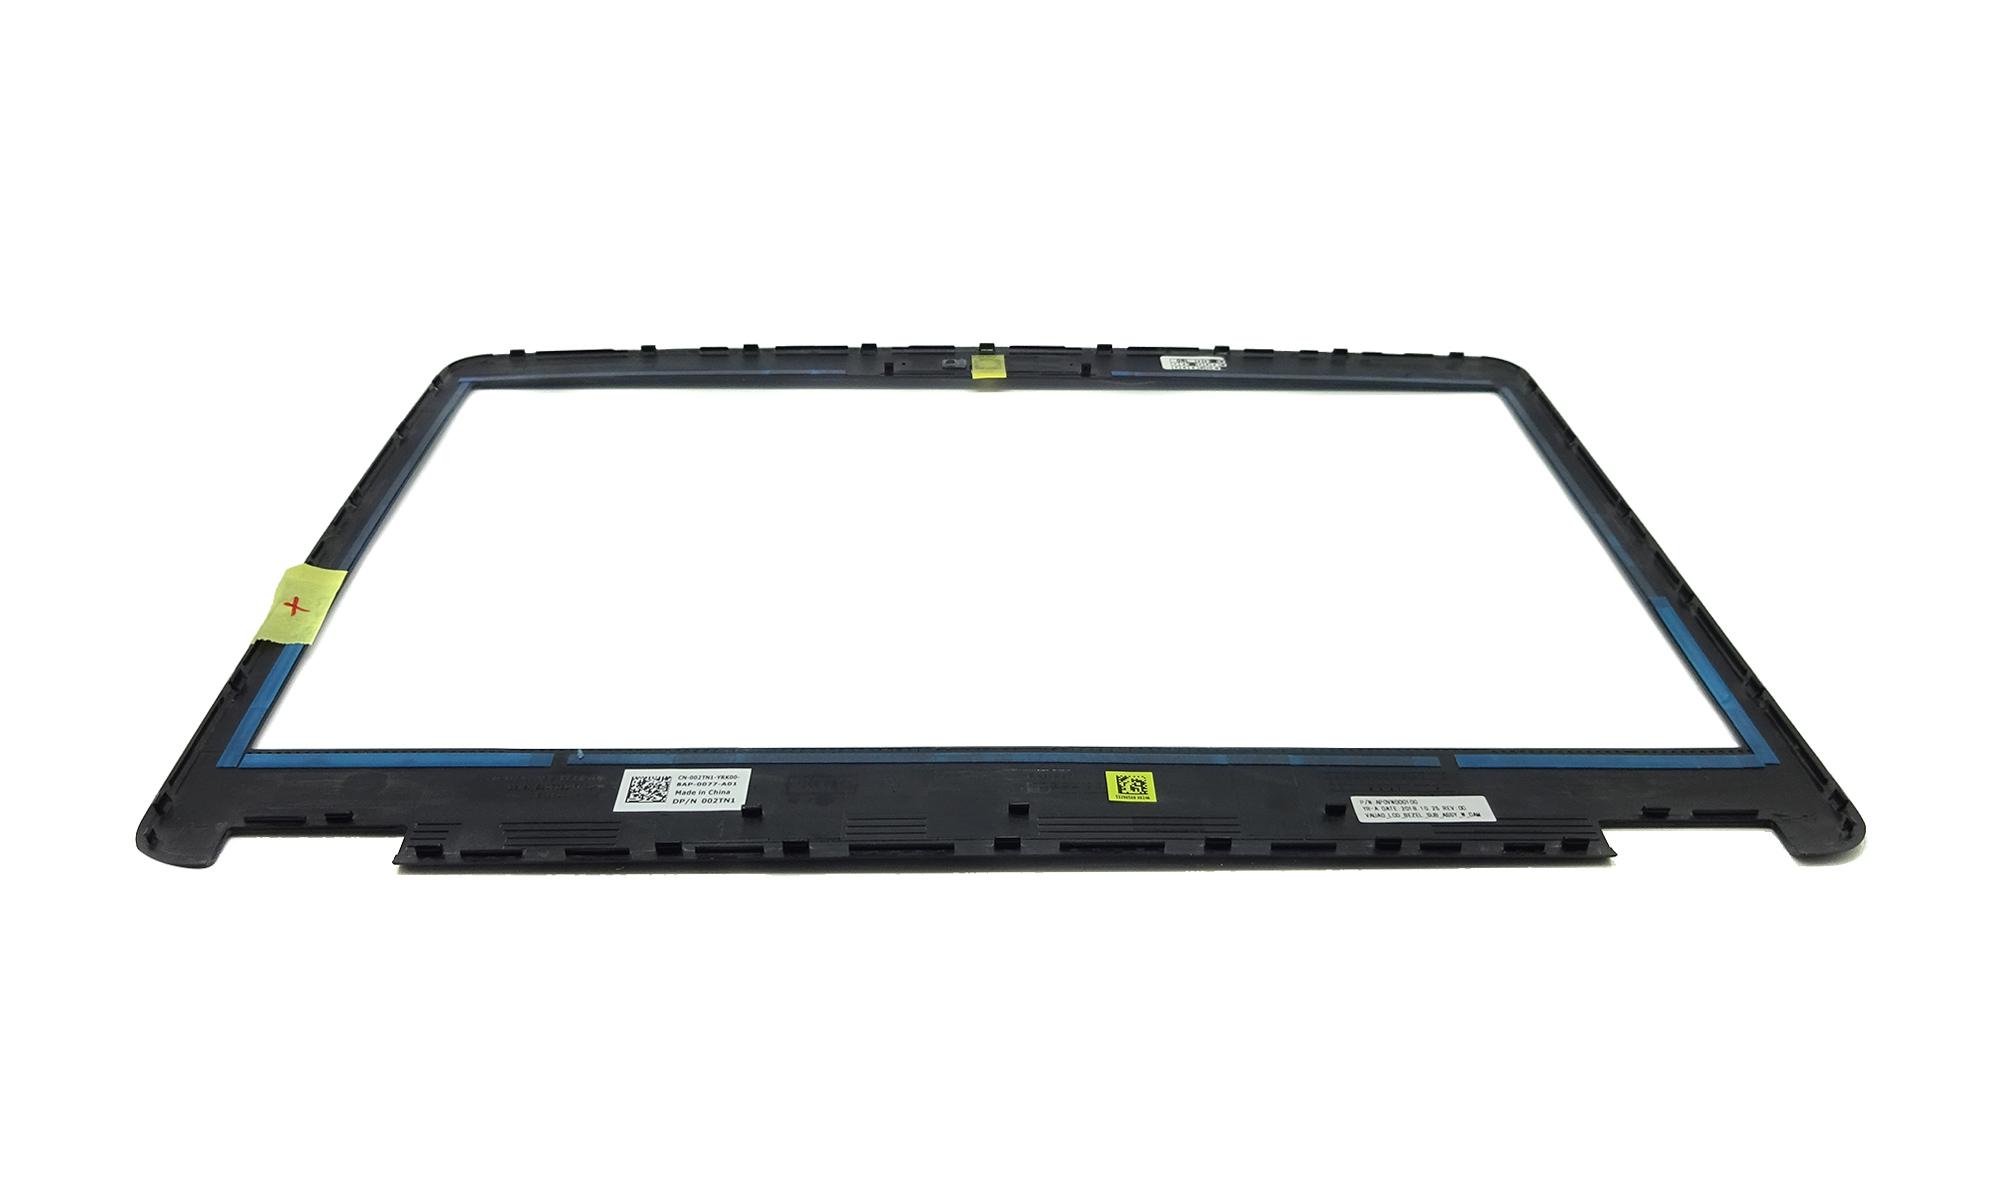 Rama display Dell Latitude E7440, originala, neagra model 02TN1